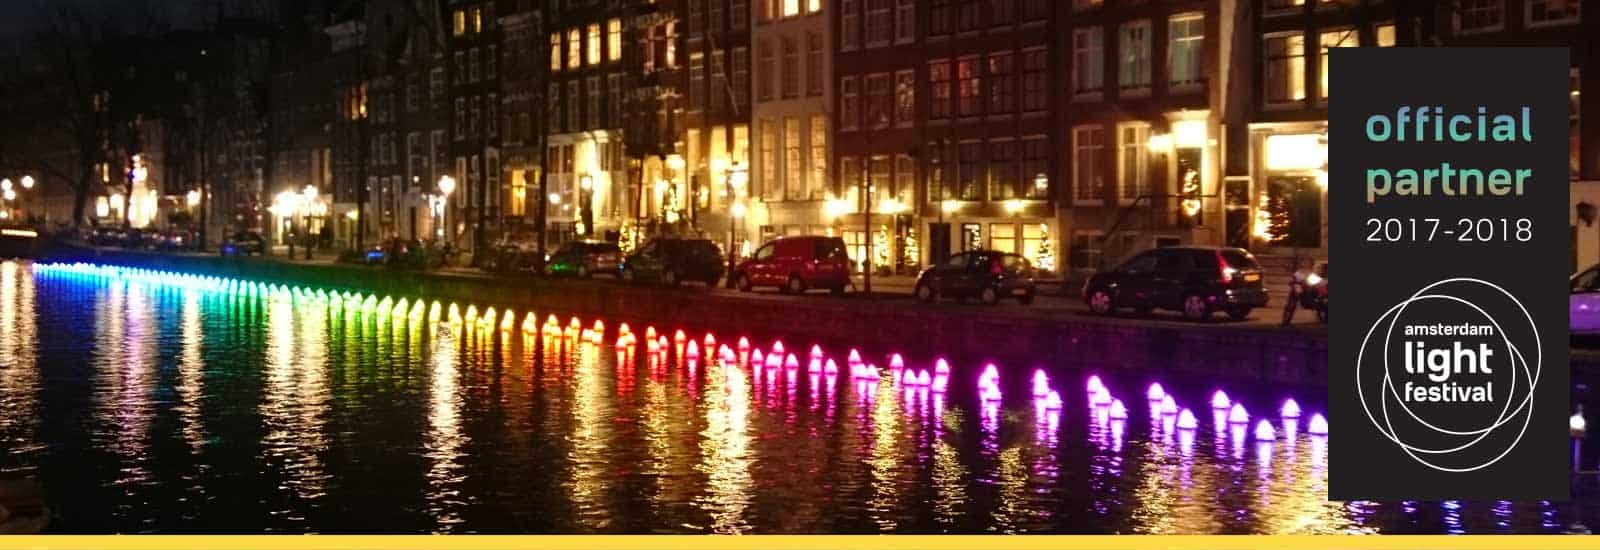 Amsterdam light festival partner